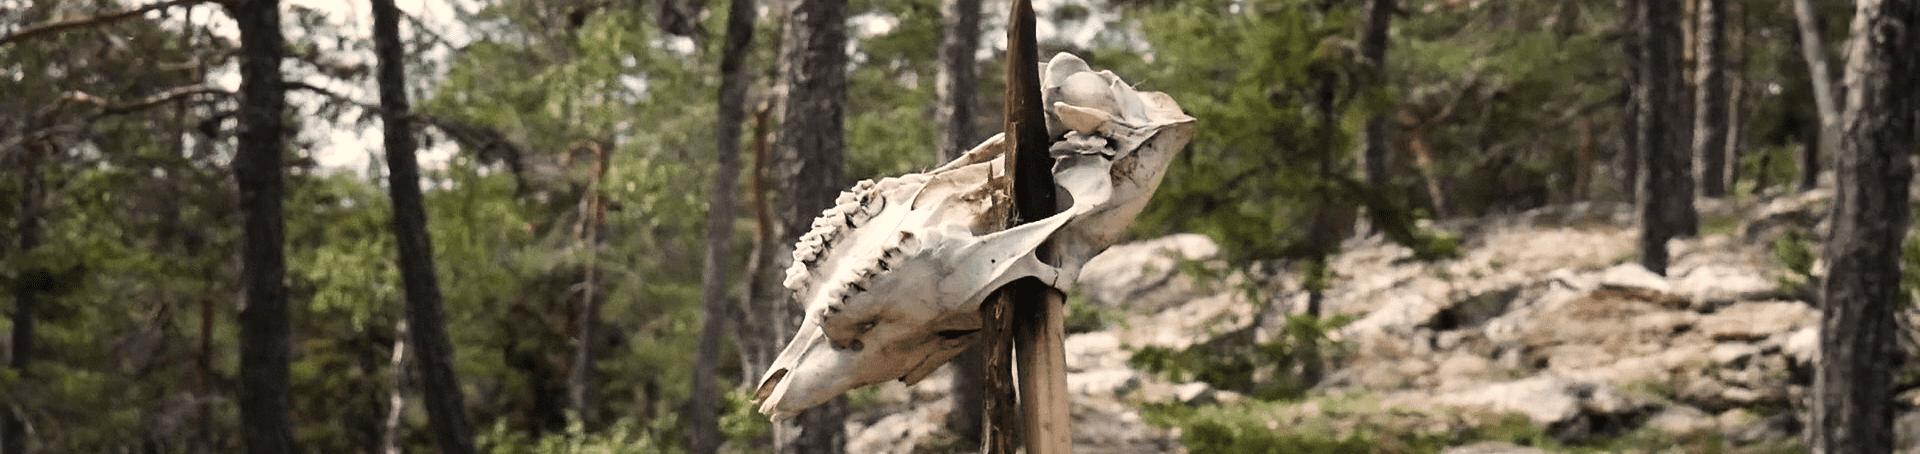 Ein Totenschädel von einem Elch, der auf einem Stock aufgespießt ist